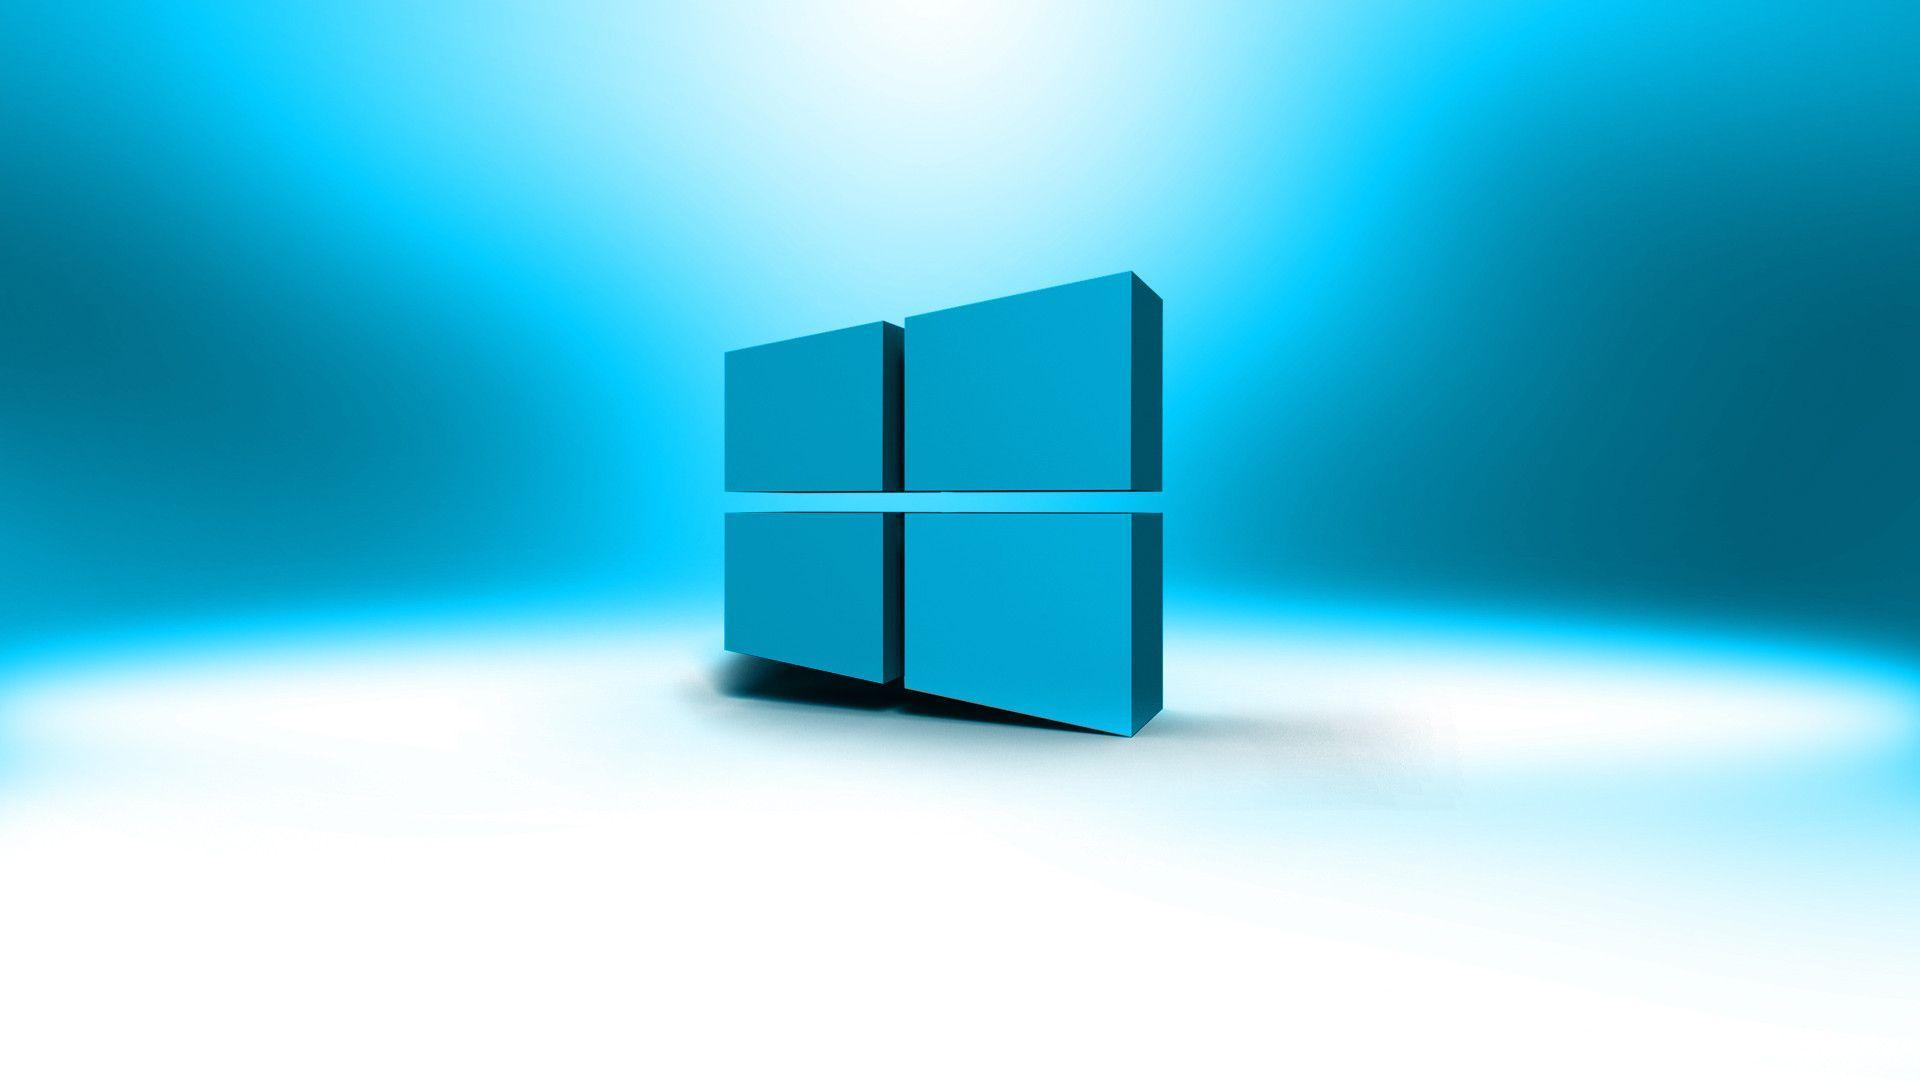 Windows D By Metroui On Deviantart